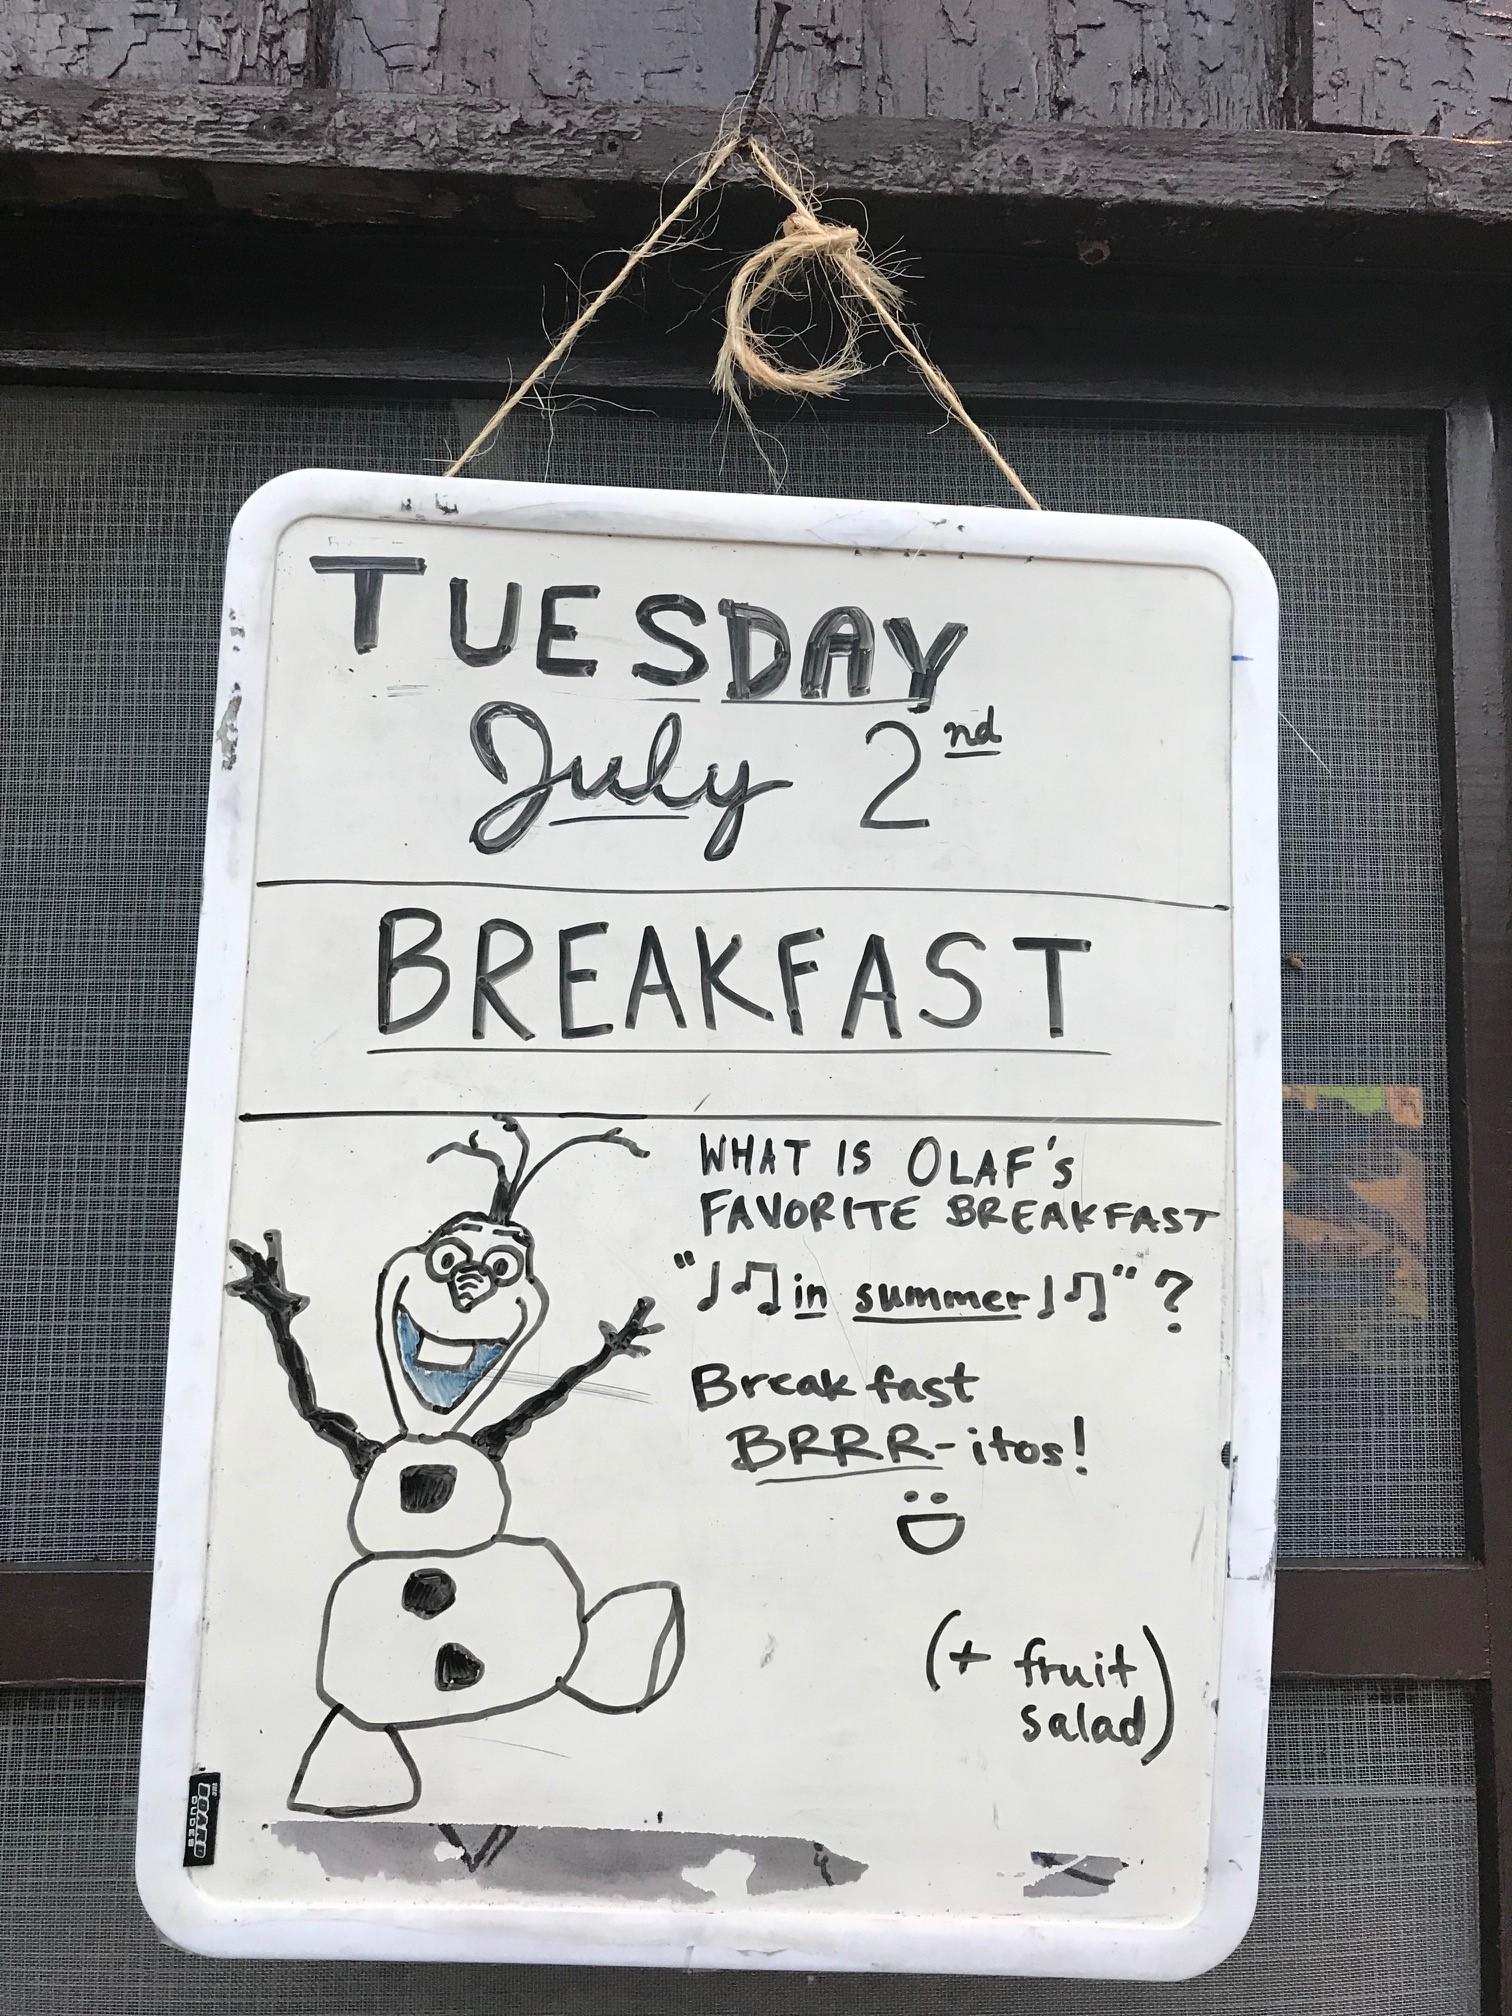 Tues Breakfast